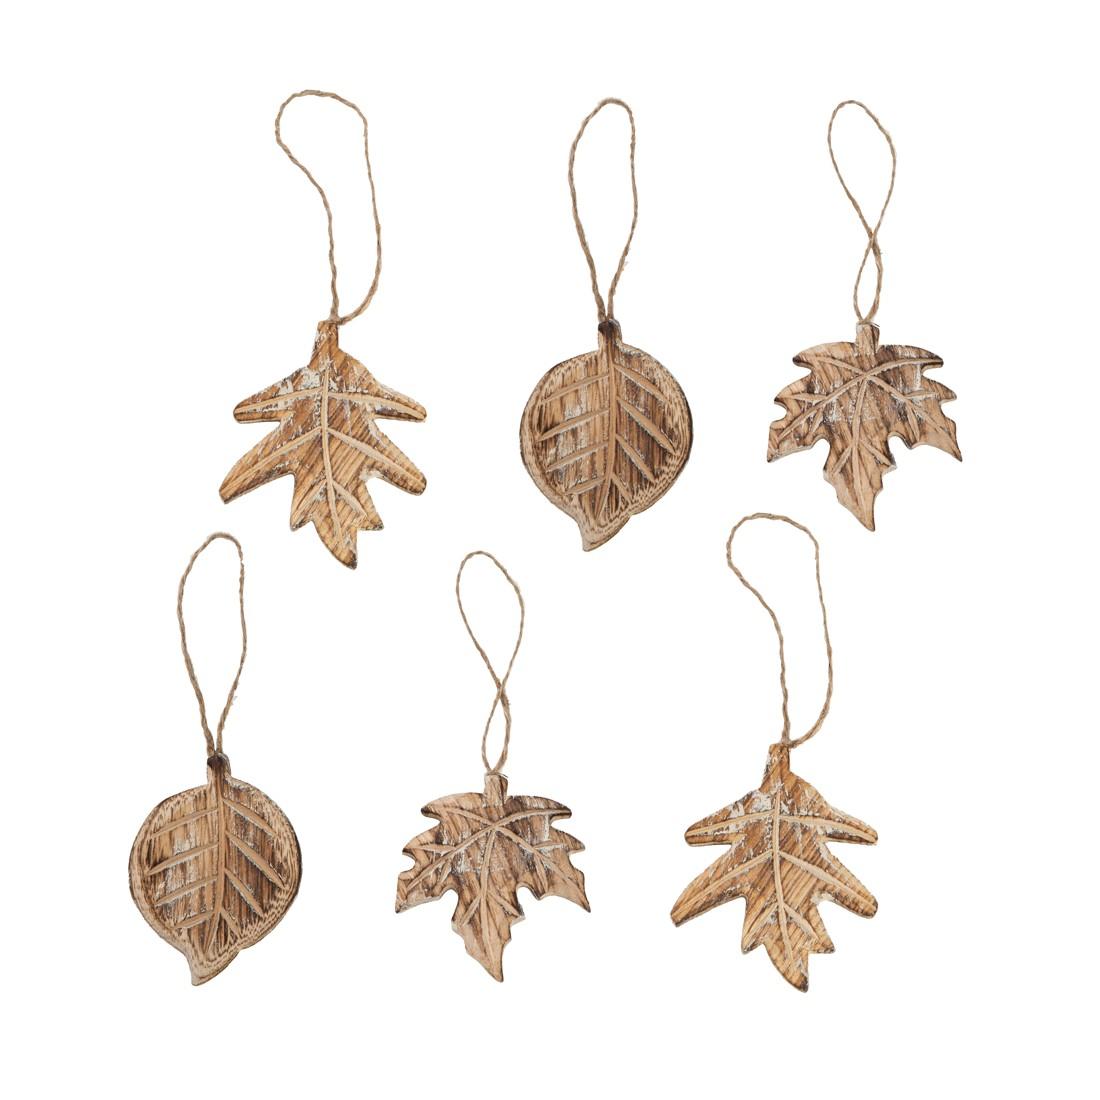 Decoratiehangers Jade - 6-delige set herfstachtig houtkleurig met witte nerven, Home24 Deko